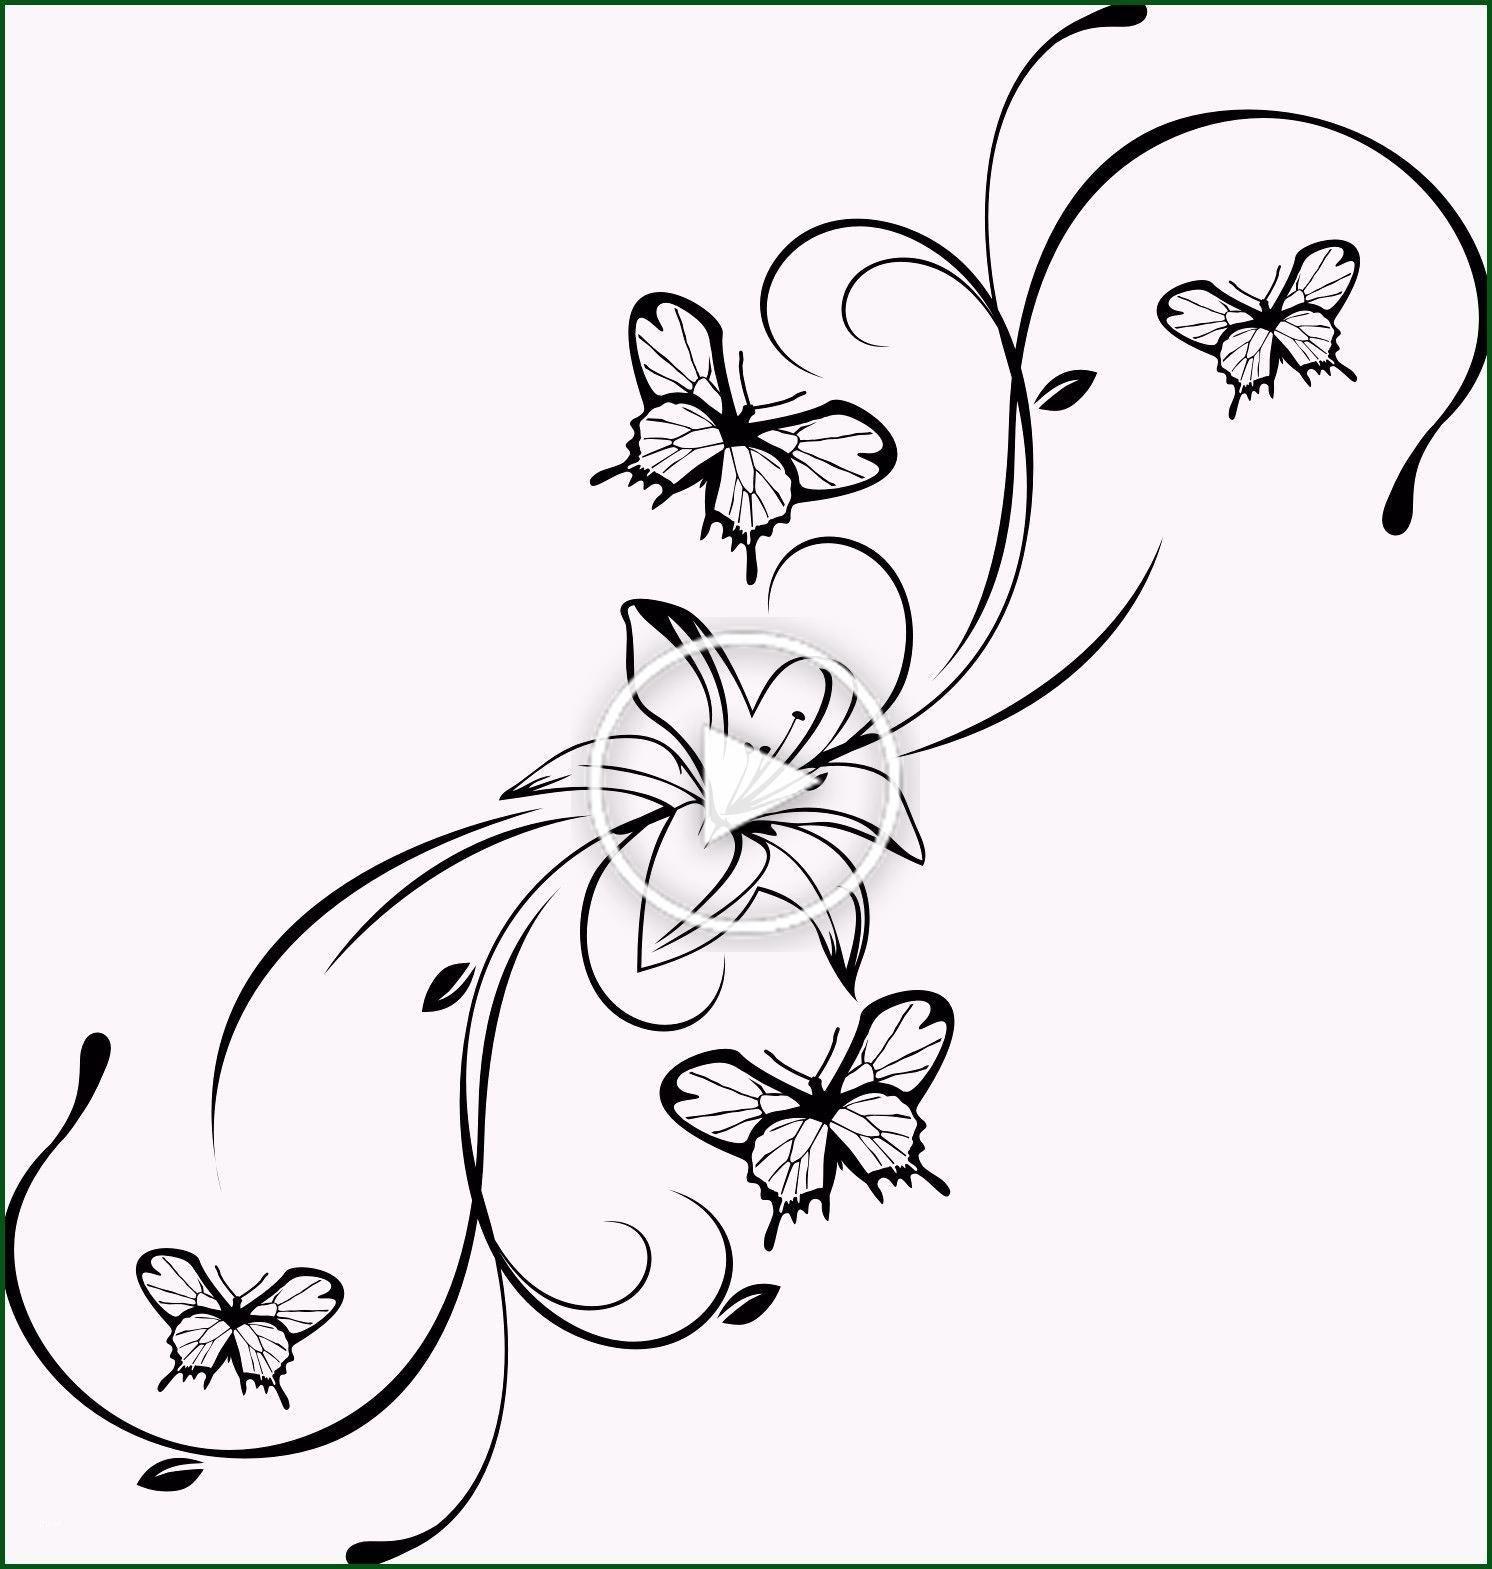 De Nouveaux Modeles De Papillon Malvorlagen Malvorlagenfurkinder Malvorlagenfurerwachsene Schmetterling Vorlage Malvorlagen Blumen Malvorlagen